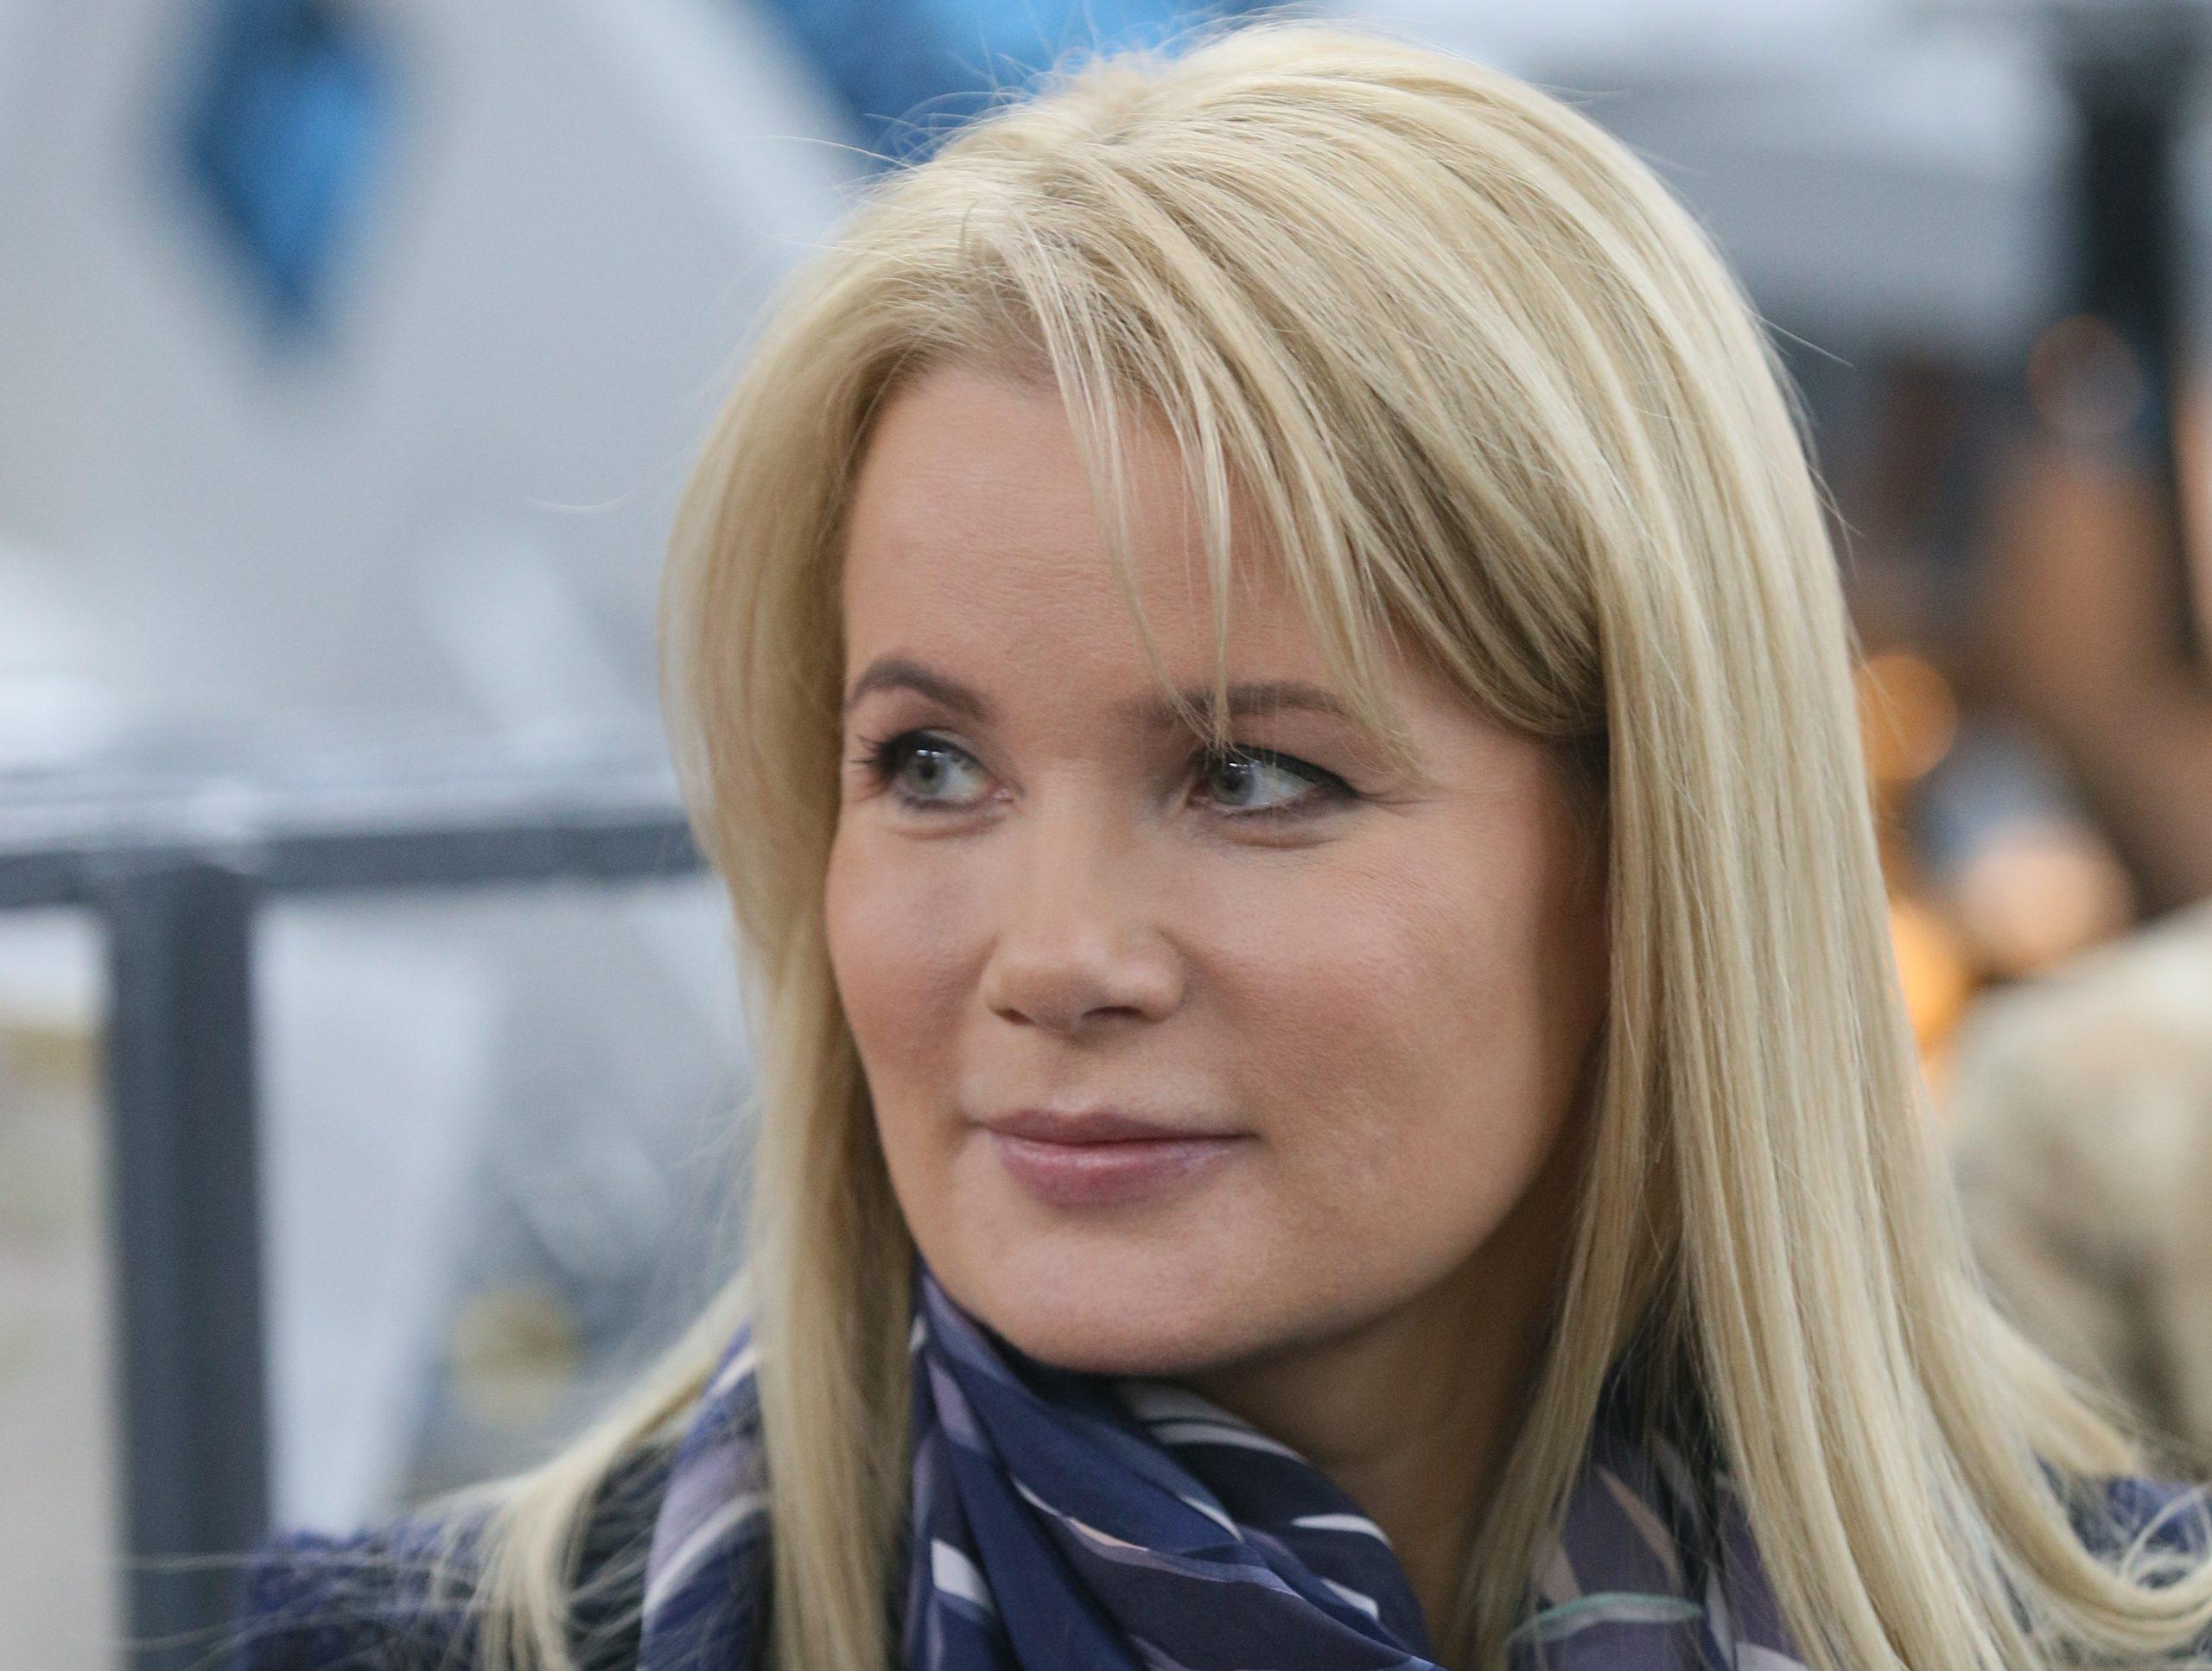 Cергунина: Более 17 млрд рублей вложили инвесторы в создание новых технопарков в Москве